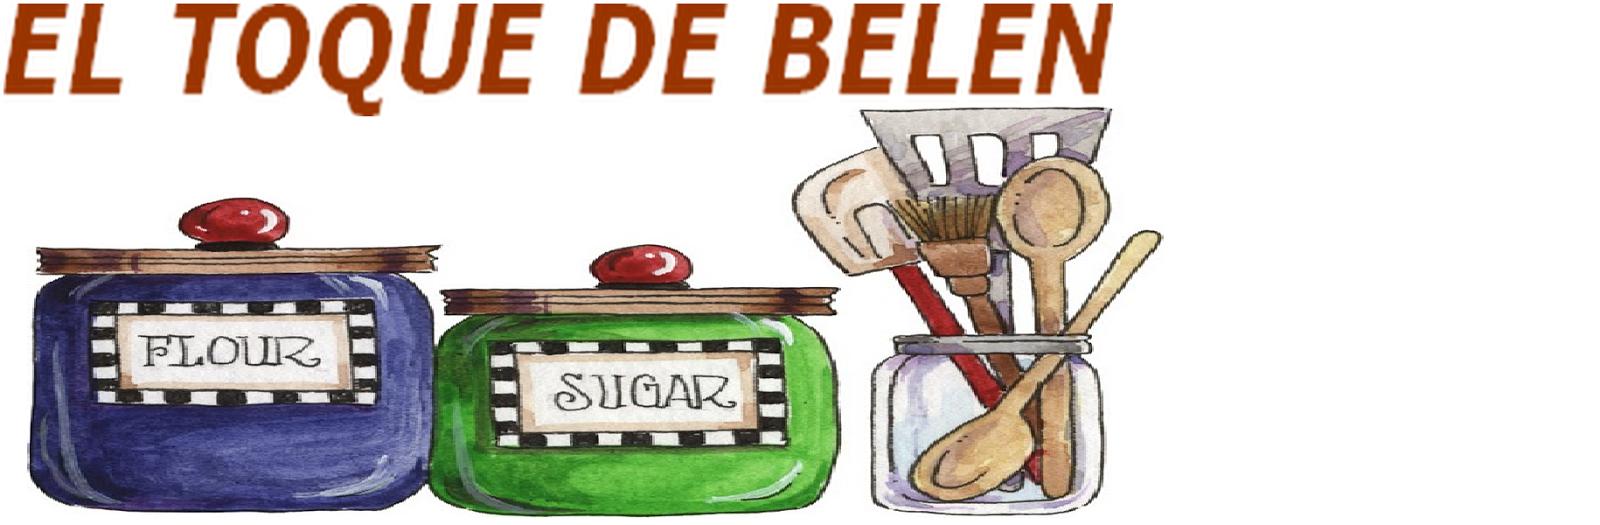 http://eltoquedebelen.blogspot.com.ar/